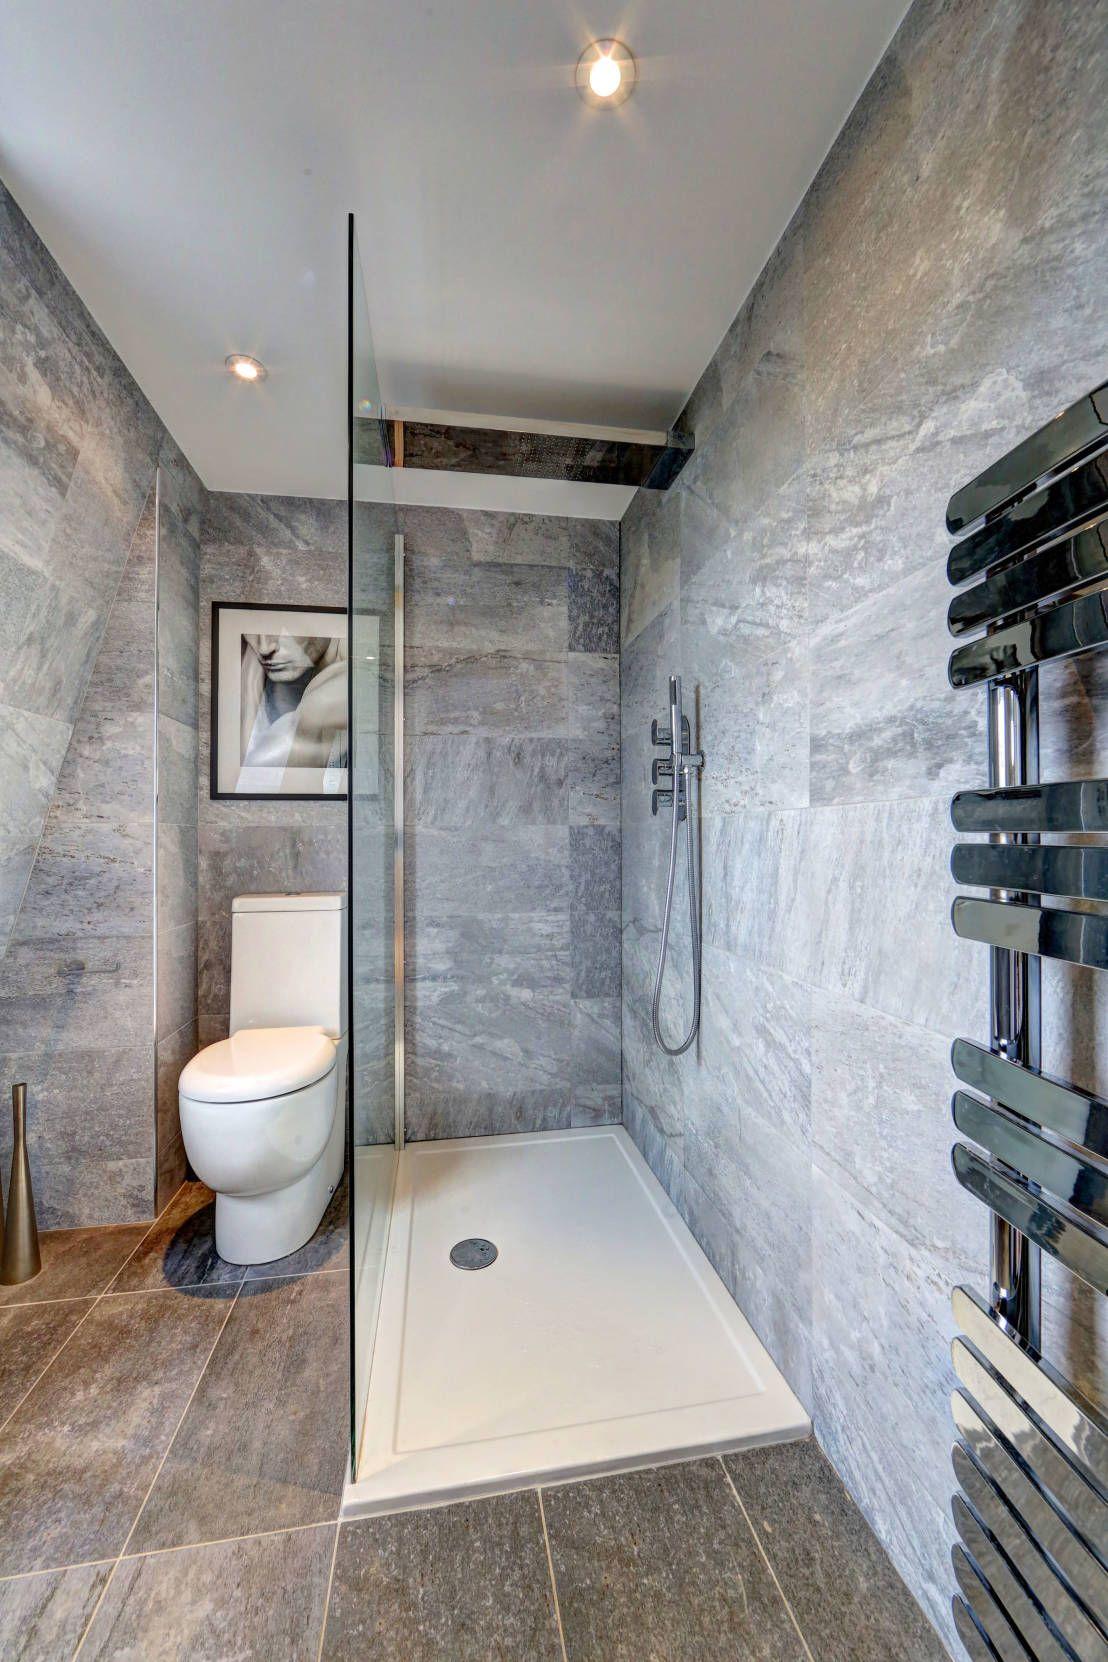 The secret loft conversion | Small bathroom renovations ...